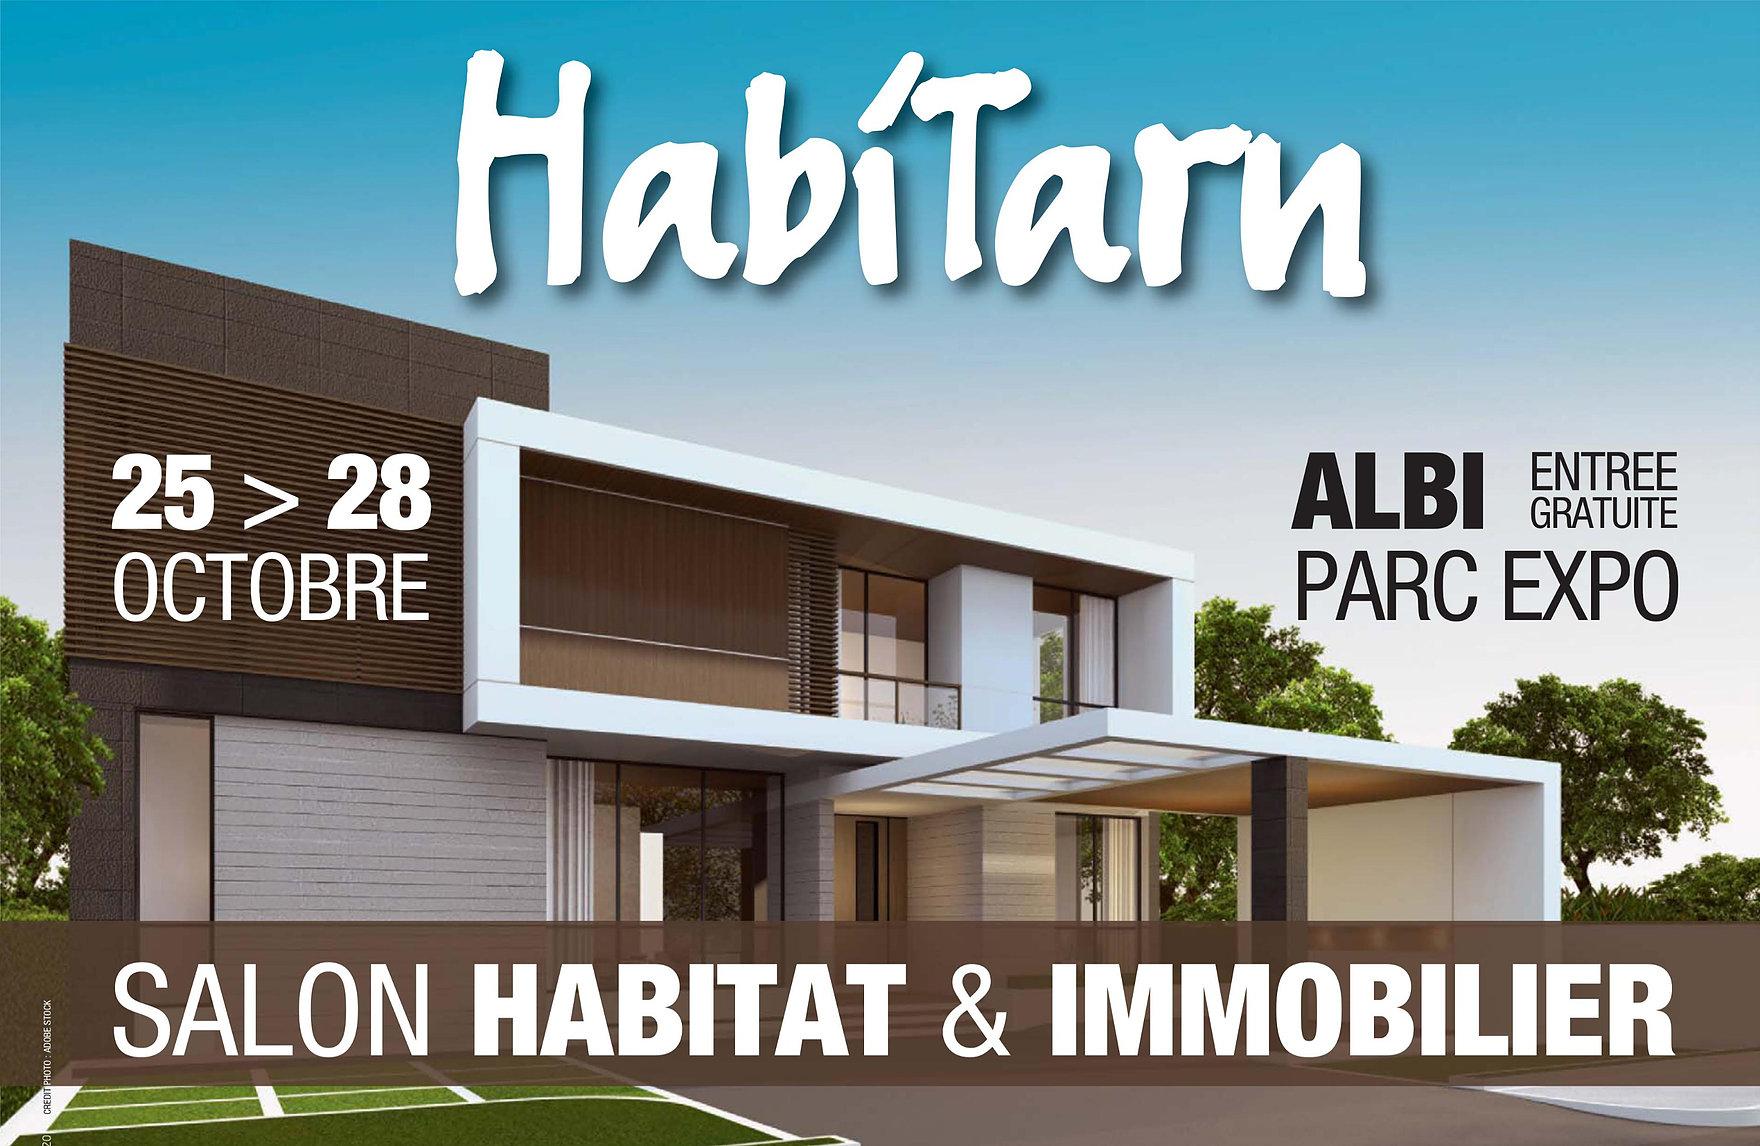 Habitarn 2019